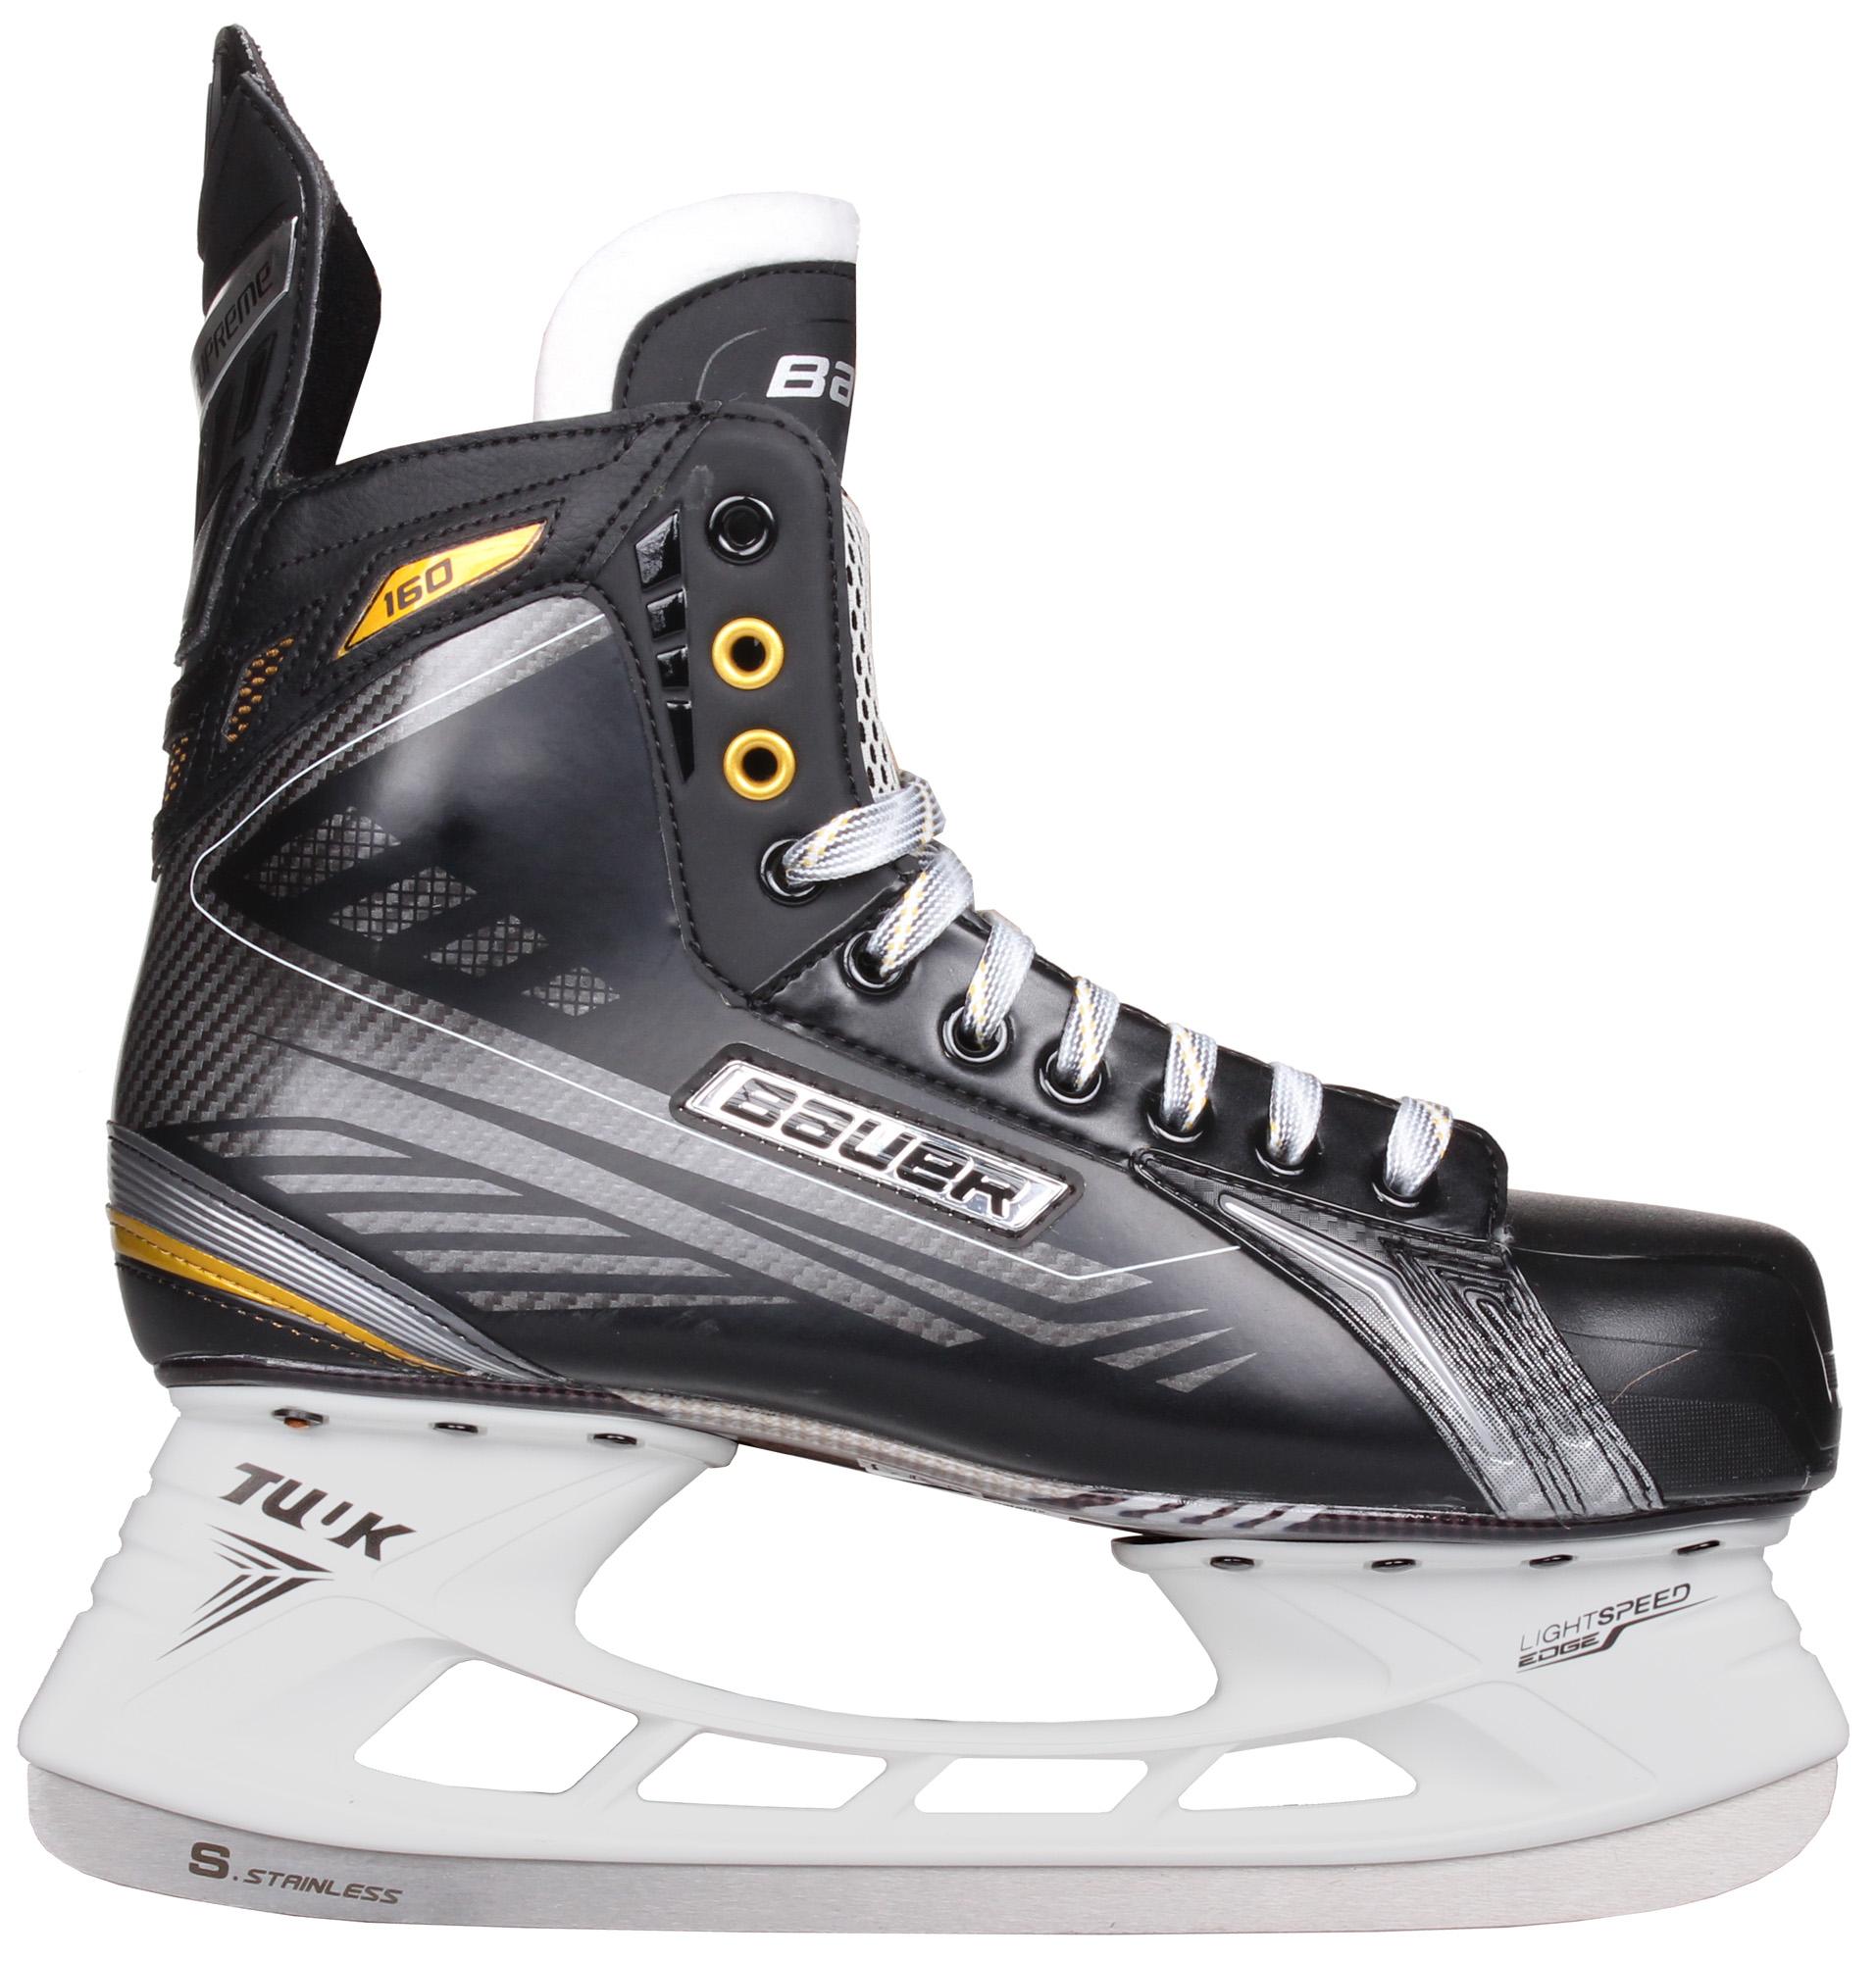 BAUER Supreme 160 D SR hokejové brusle